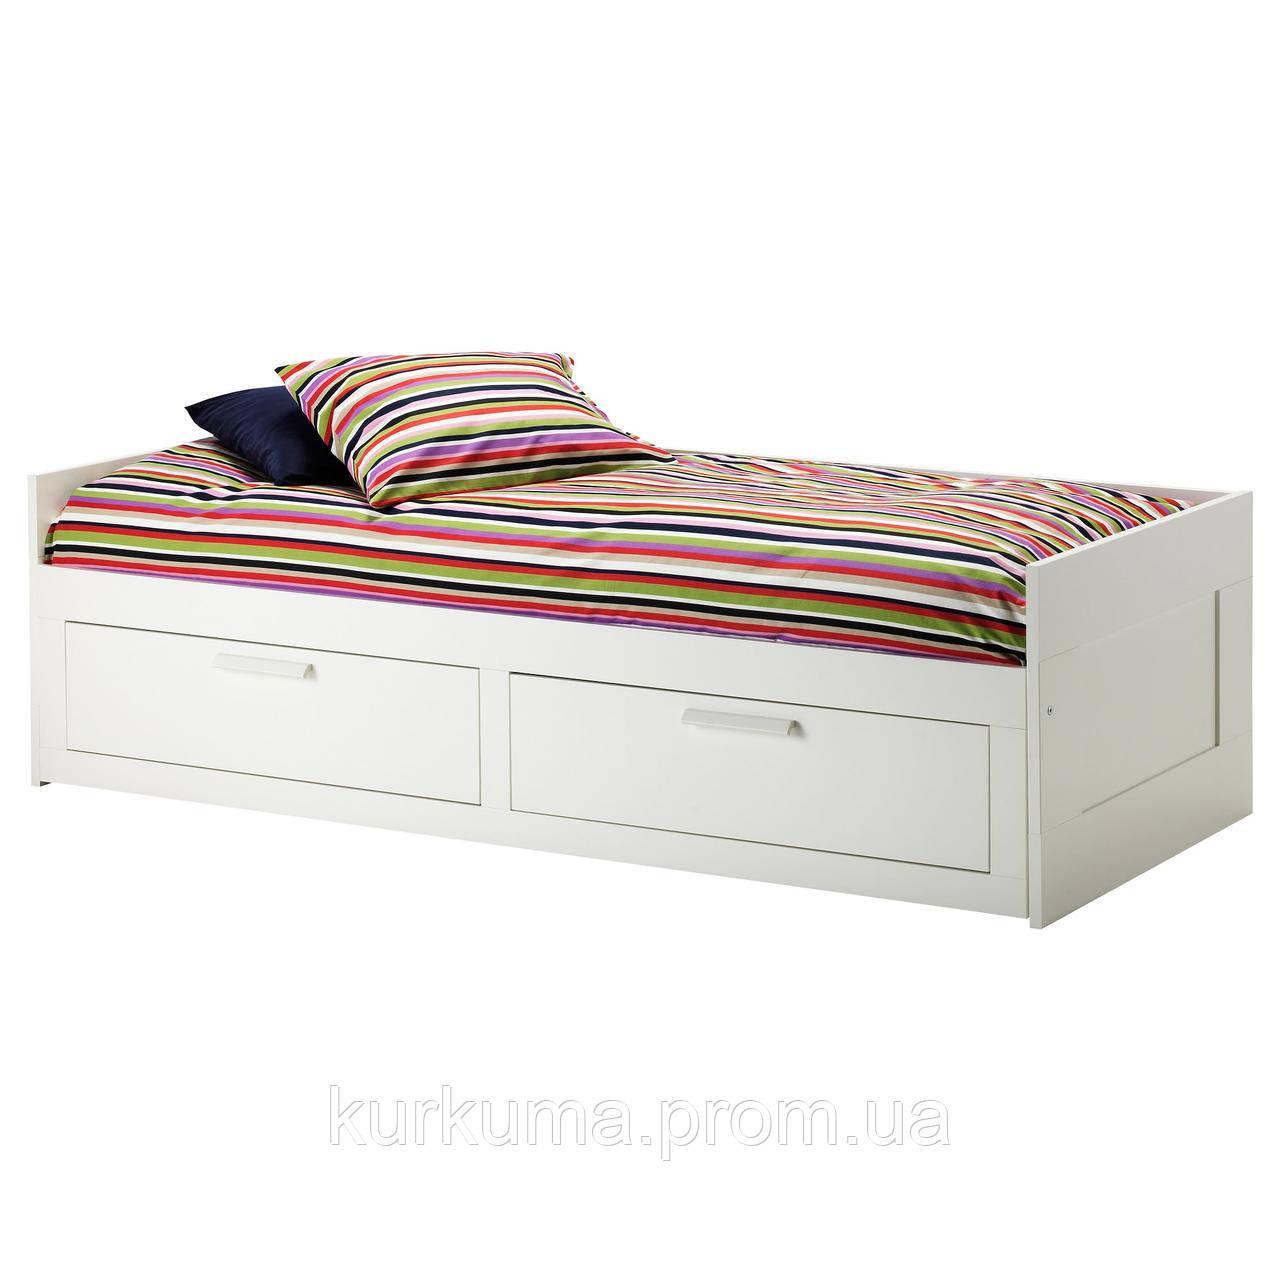 IKEA BRIMNES Раскладная кровать с 2 ящиками и 2 матрасами, белый, Мошулт жесткий  (791.300.27)